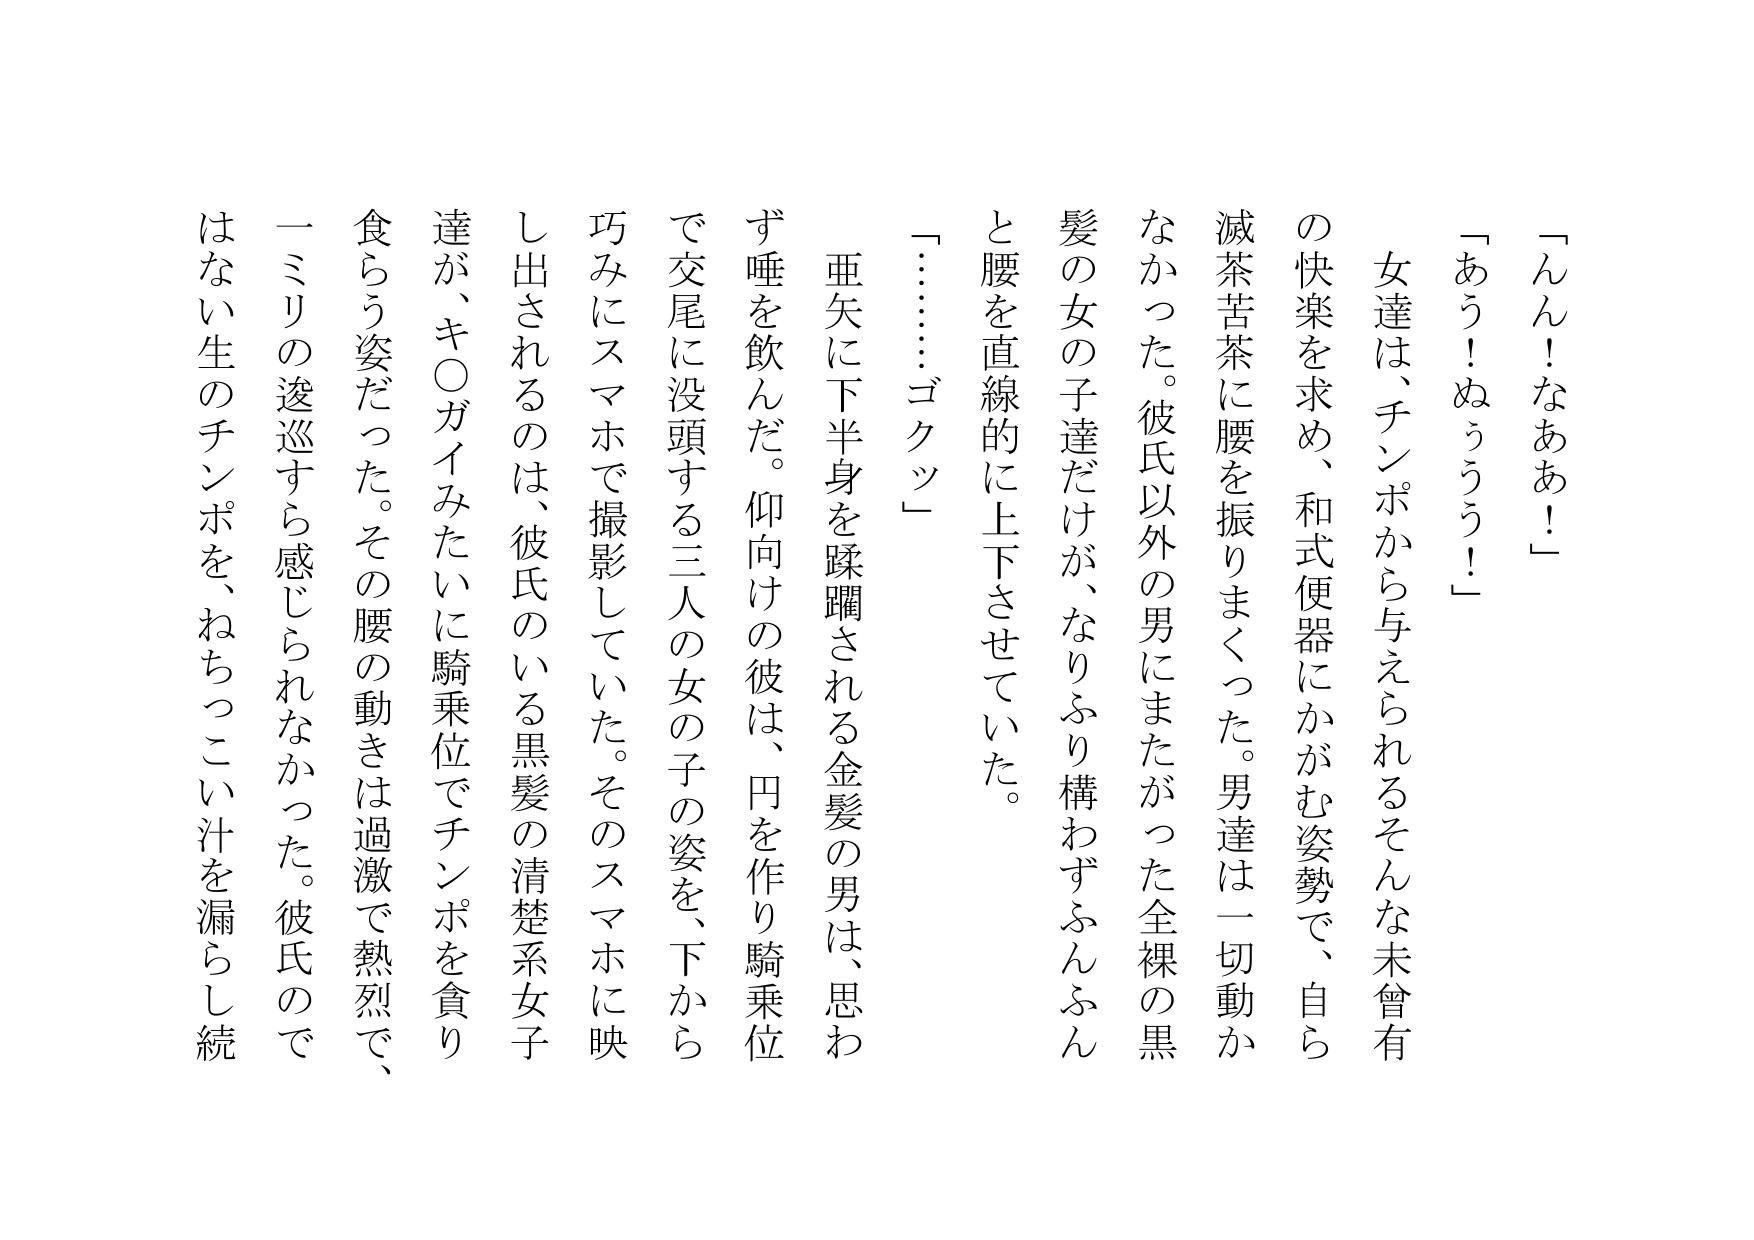 [ミニ系・小柄]「みみ」(幼倶楽部)